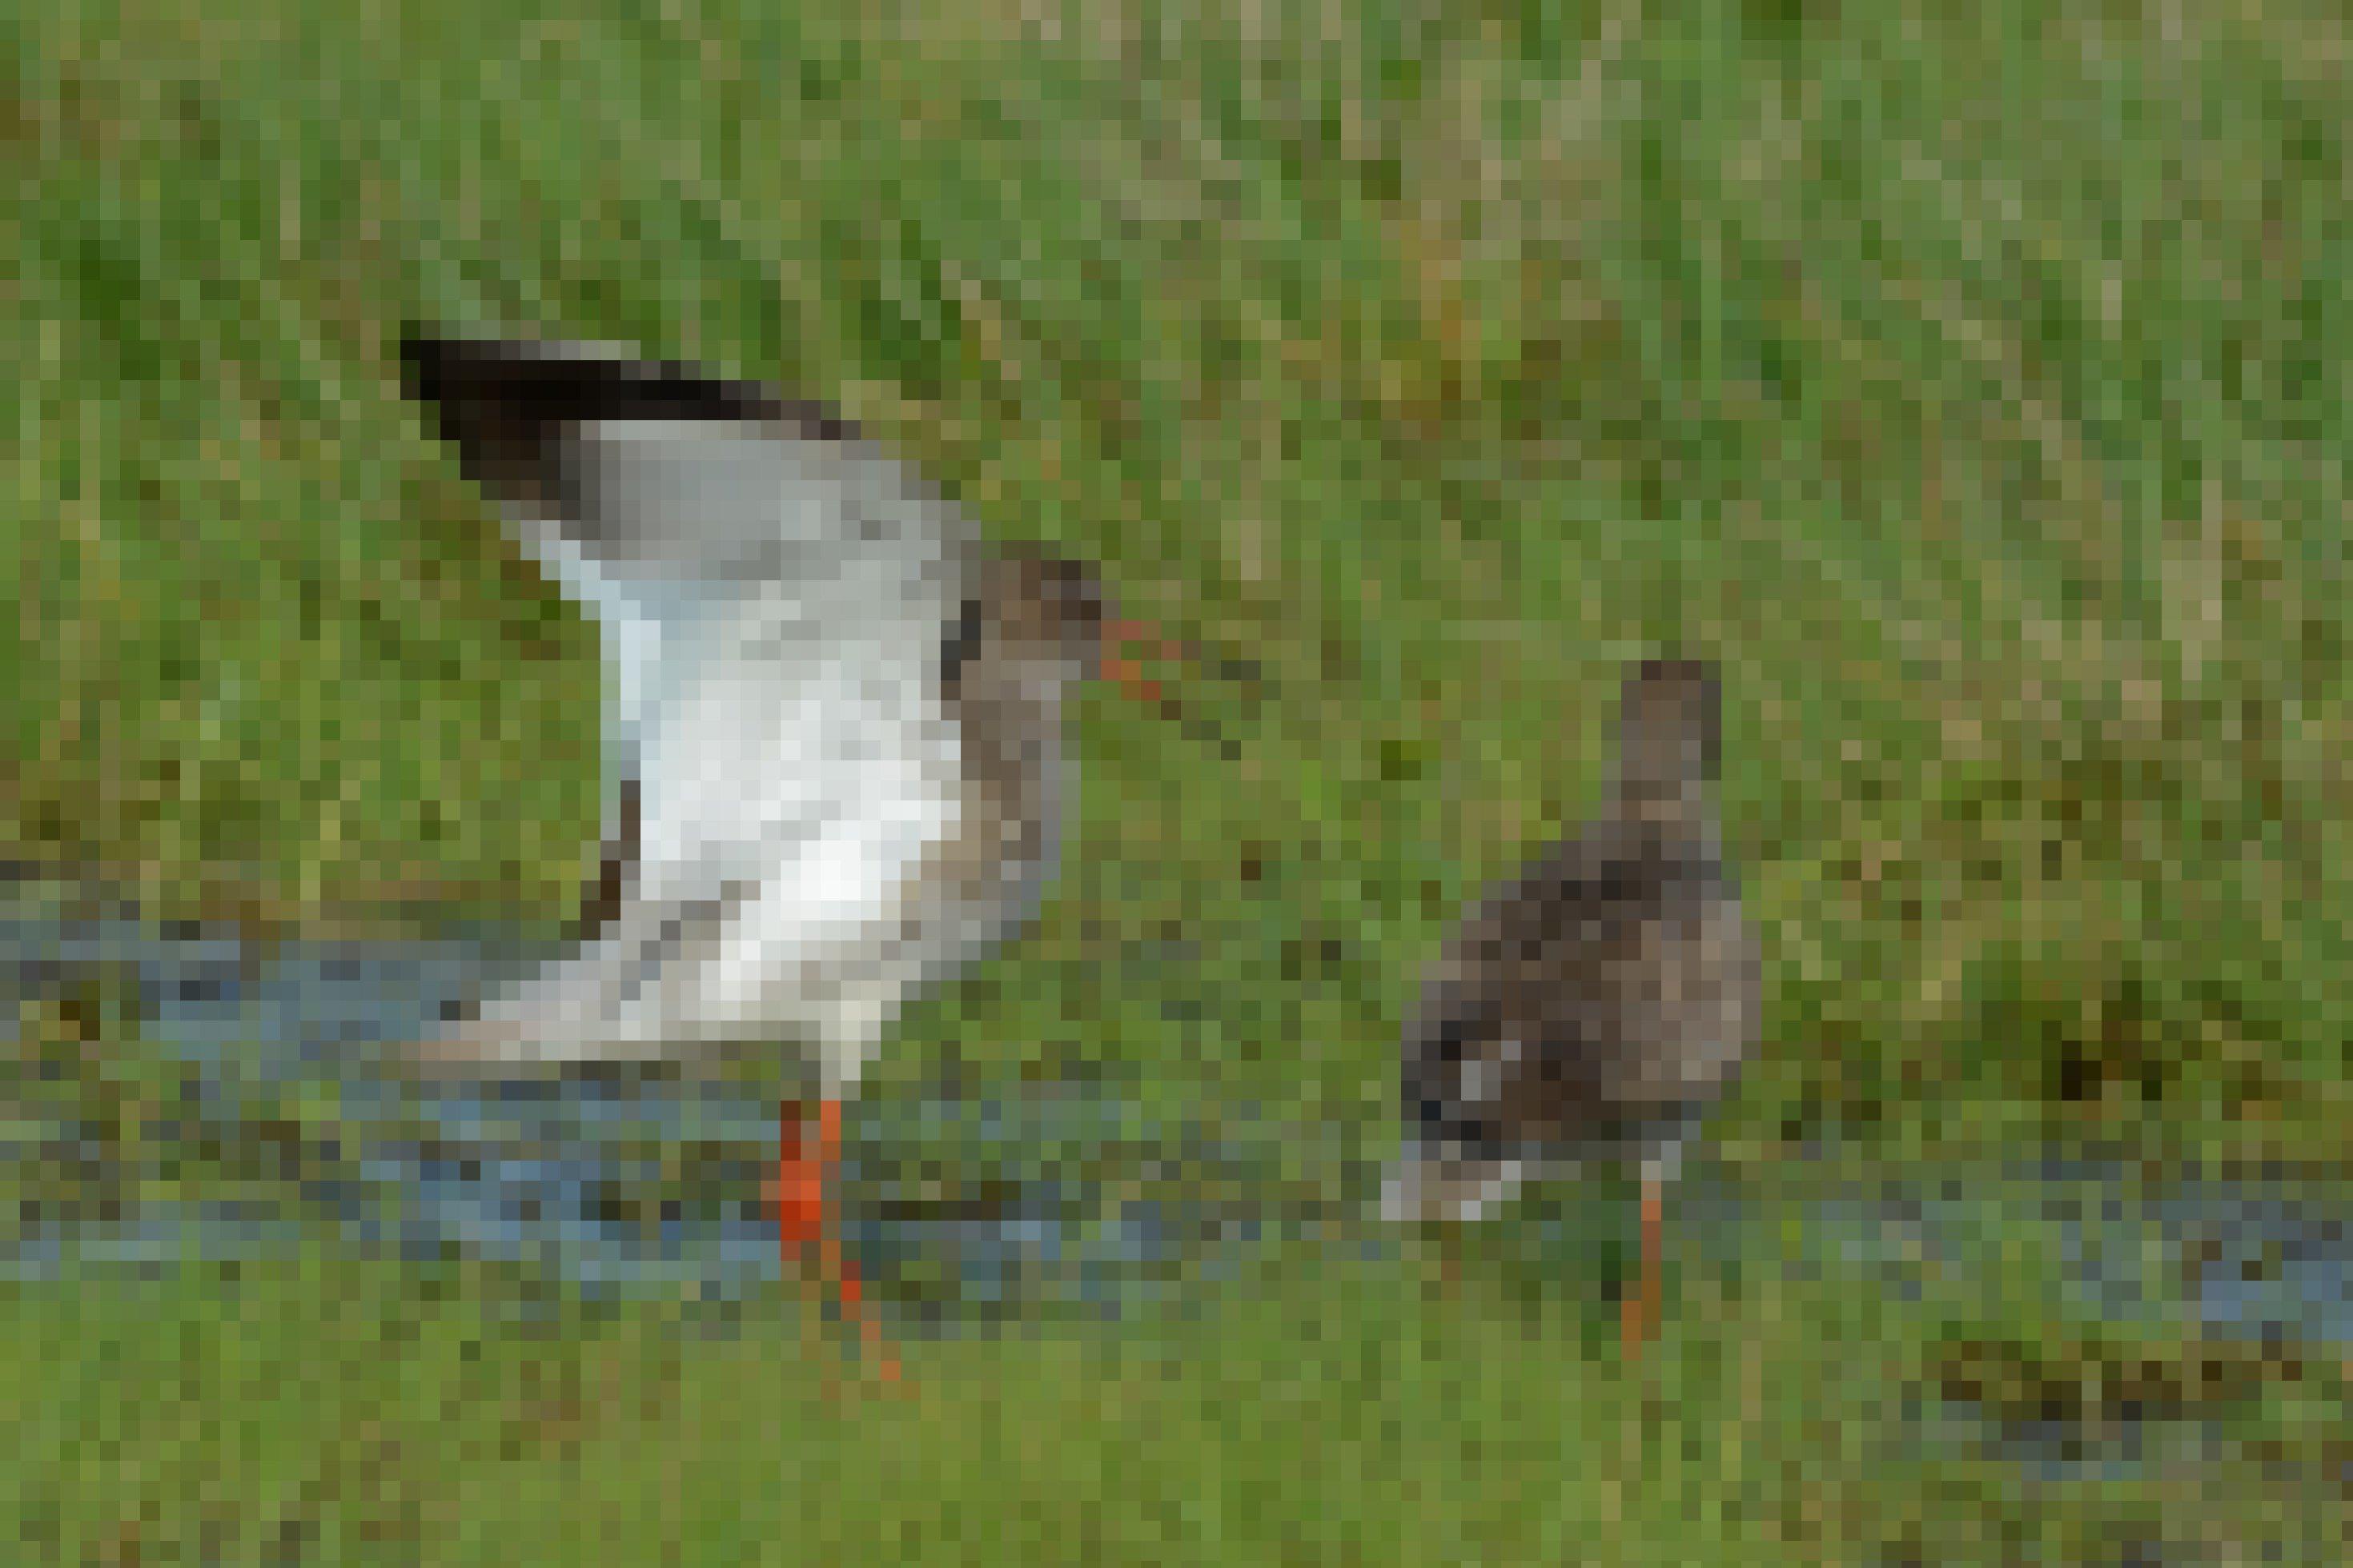 Zwei Rotschenkel im Gras. Der eine hat seinen langen, an der Wurzel roten Schnabel leicht geöffnet, bei zeigen ihre namensgebenden leuchtend roten Beine